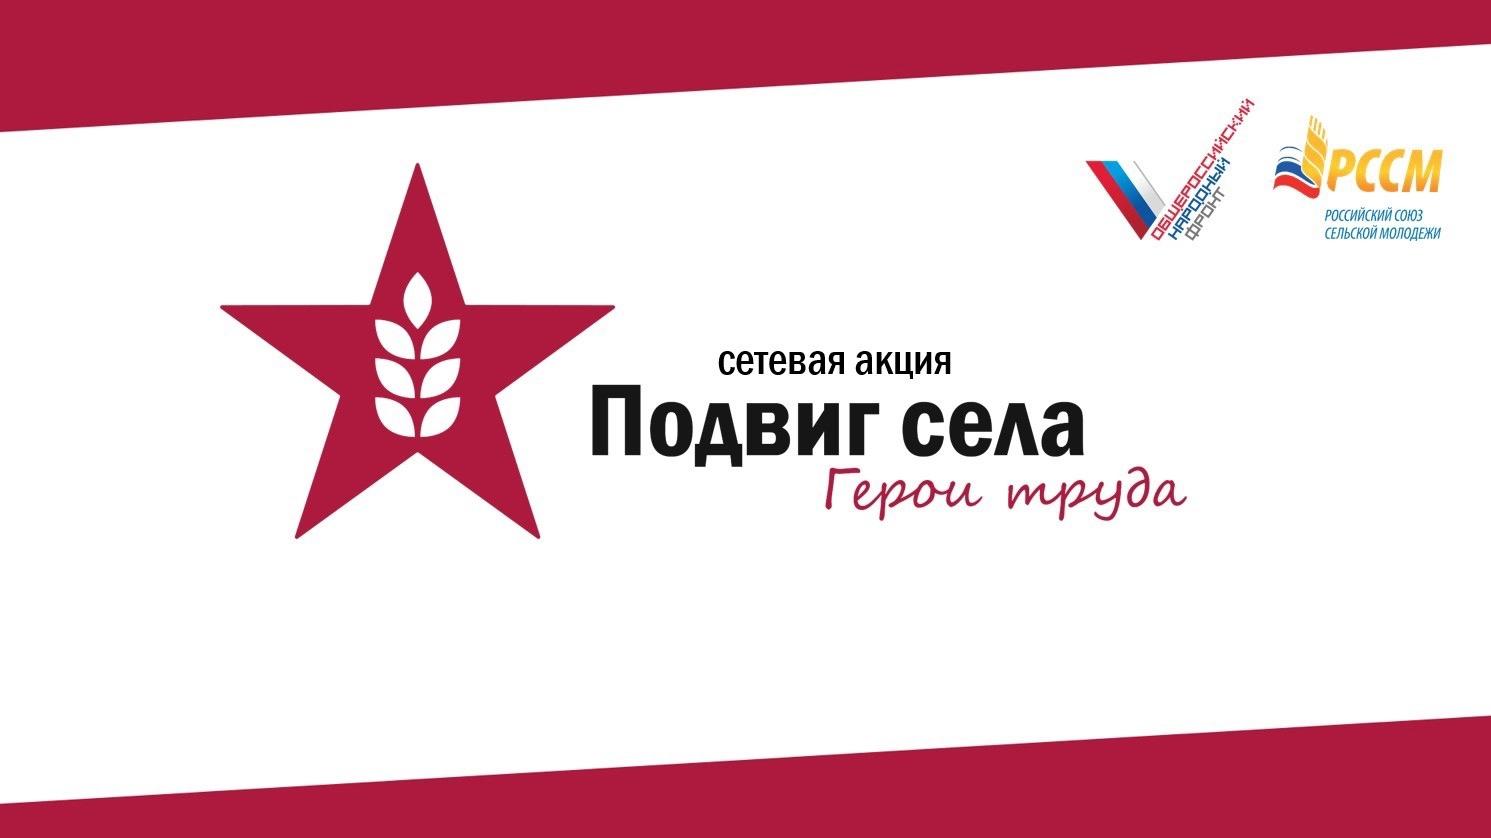 В Саратовской области проходит акция «Подвиг села: герои труда»